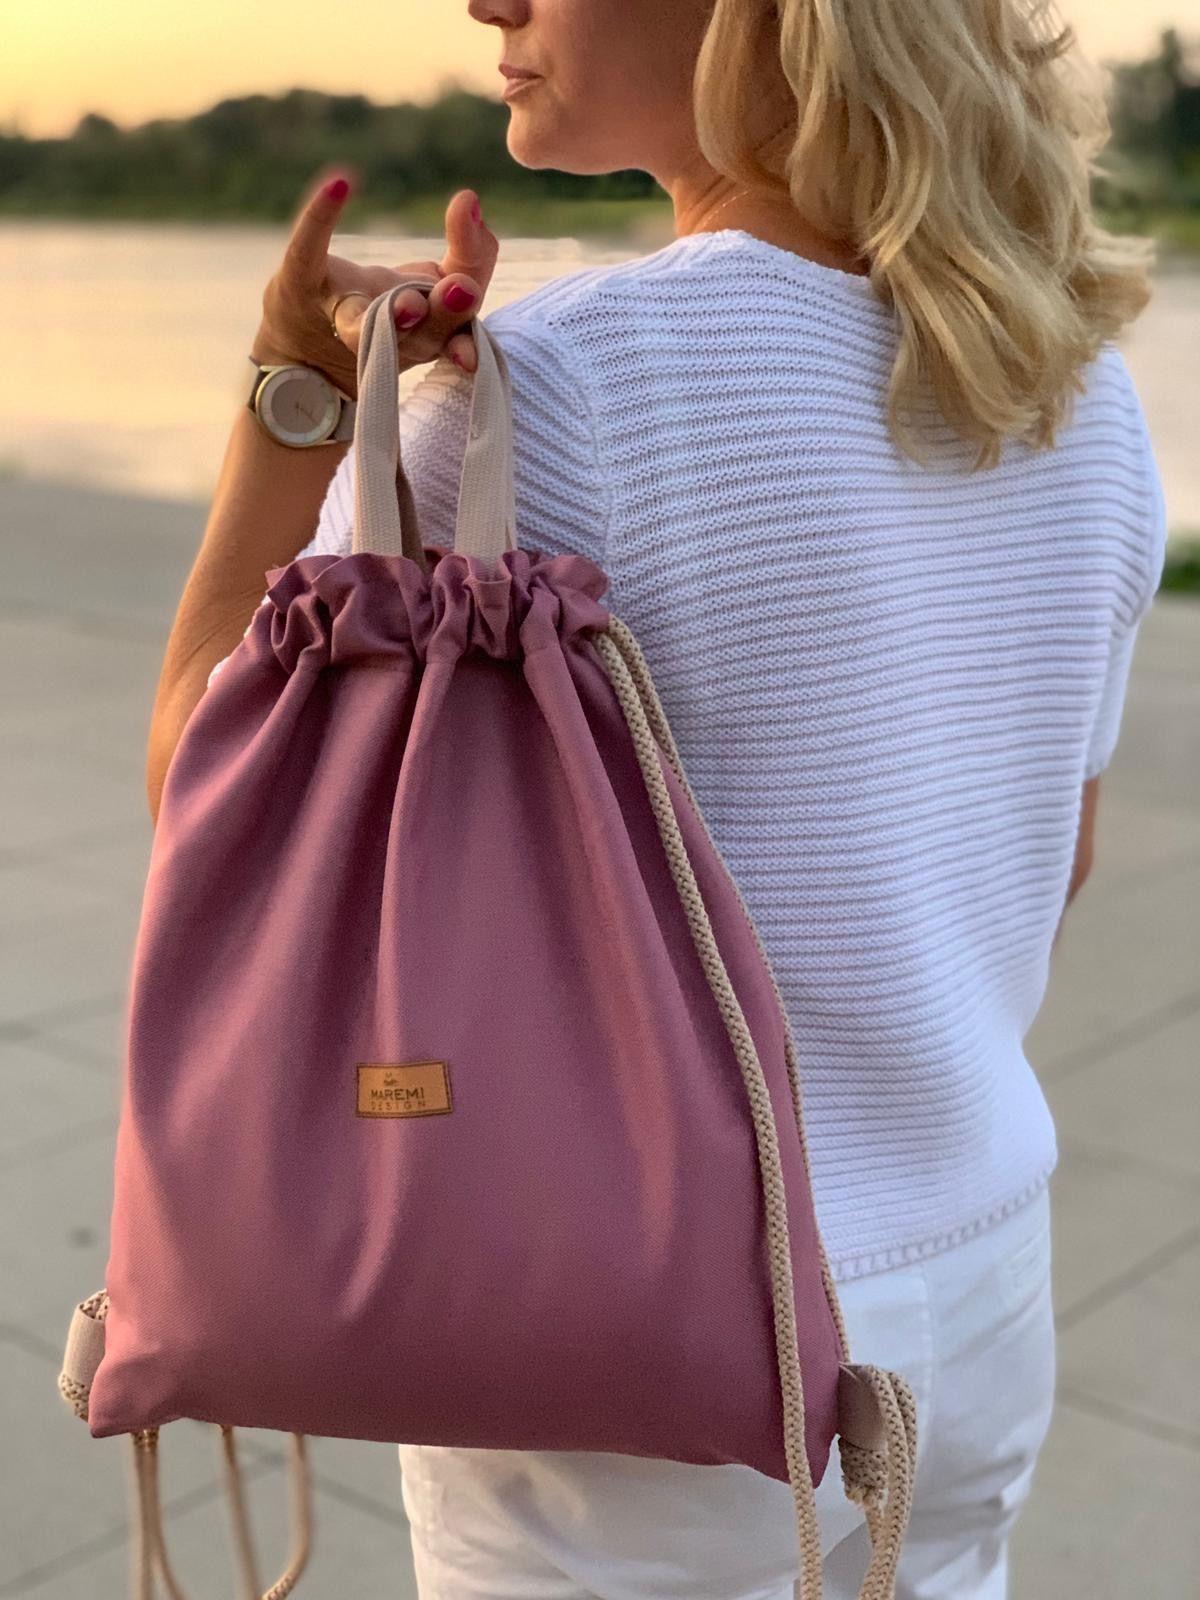 Klasyczny worko plecak w kolorze brudnego różu, czyli najmodniejszego koloru obecnego sezonu. W środku worko plecaka wszyta jest specjalistyczna (kaletnicza, bardzo mocna) podszewka w kolorze jasno beżowym , kieszonka zamykana na zamek, karabińczyk np. na klucze lub inne rzeczy, które można przypiąć. Plecaczek ma dodatkowo rączki do trzymania go w dłoni. Jest to bardzo funkcjonalny element - tak donoszą nasze zadowolone Klientki. Wymiary (+/-2cm): wys - 43cmszer - 37cmdno: - 4 cm Zalety: - rączka/uchwyty do trzymania jak torebkę- kaletnicza i wodoodporna podszewka z zamykaną kieszonką na metalowy zamek- karabińczyk na klucze wewnątrz plecakoworka- gruby bawełniany sznurek 8mm- wodoodporny- łatwość w utrzymaniu czystości- wytrzymałość- piękny design Pielęgnacja: - zalecane pranie ręczne- temp. prania do 30st. C- nie należy używać wybielaczy- prasować w niskiej temperaturze Polecam zamykaną na zamek kosmetyczkę do kompletu. Dzięki niej zachowasz porządek w plecaku oraz z łatwością go prz